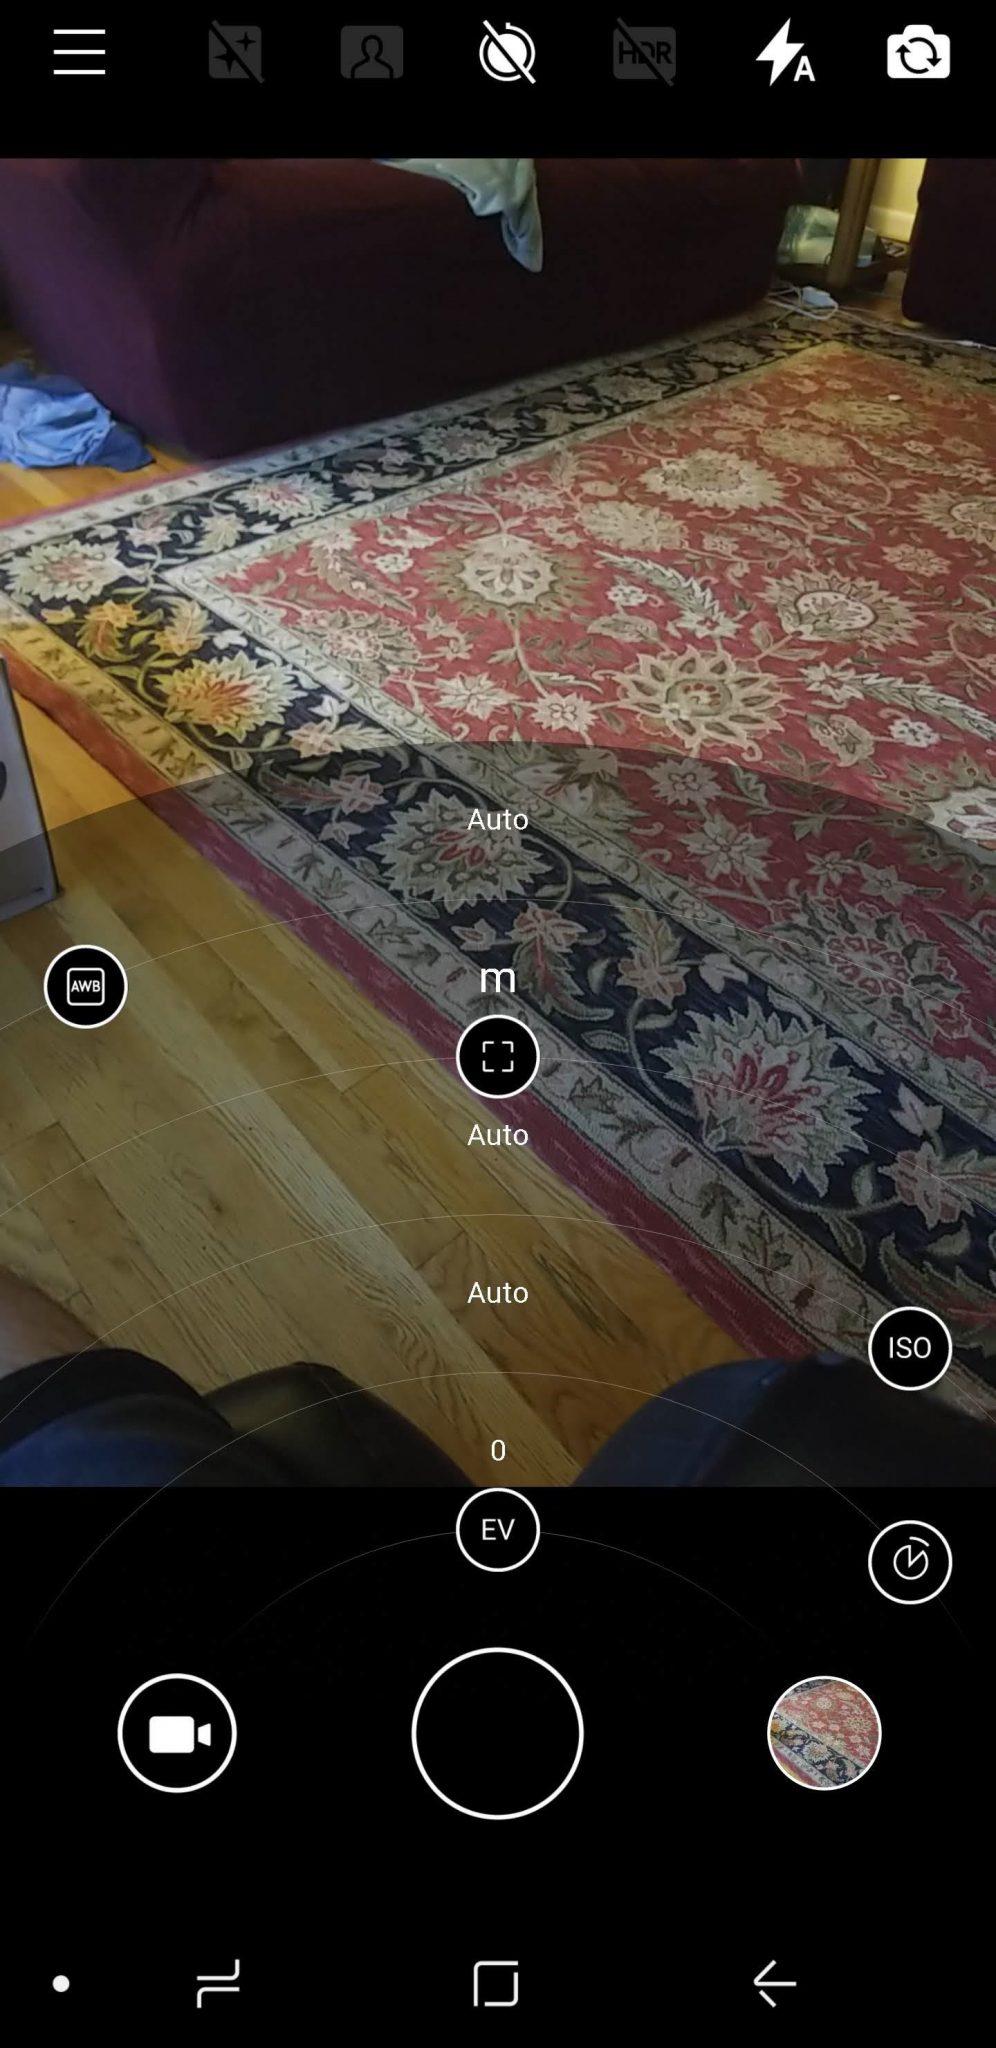 nokia-camera-app-pro-mode-2